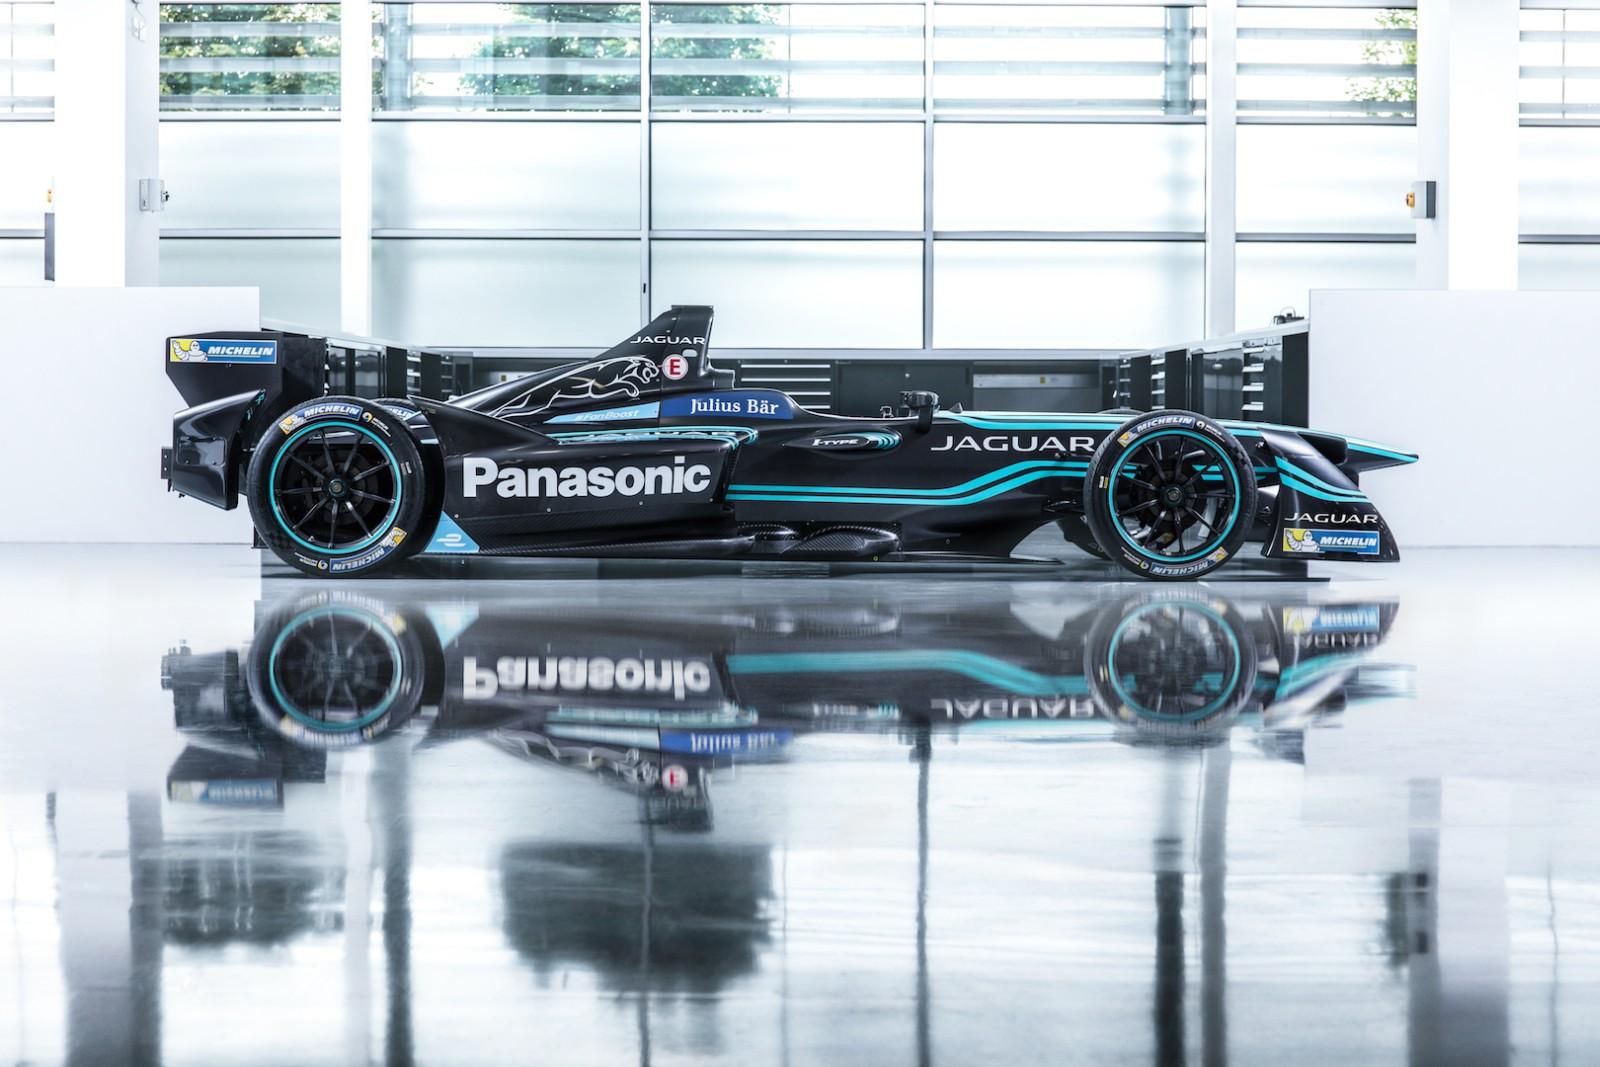 panasonic-jaguar-racing-i-type-formula-e-car-1